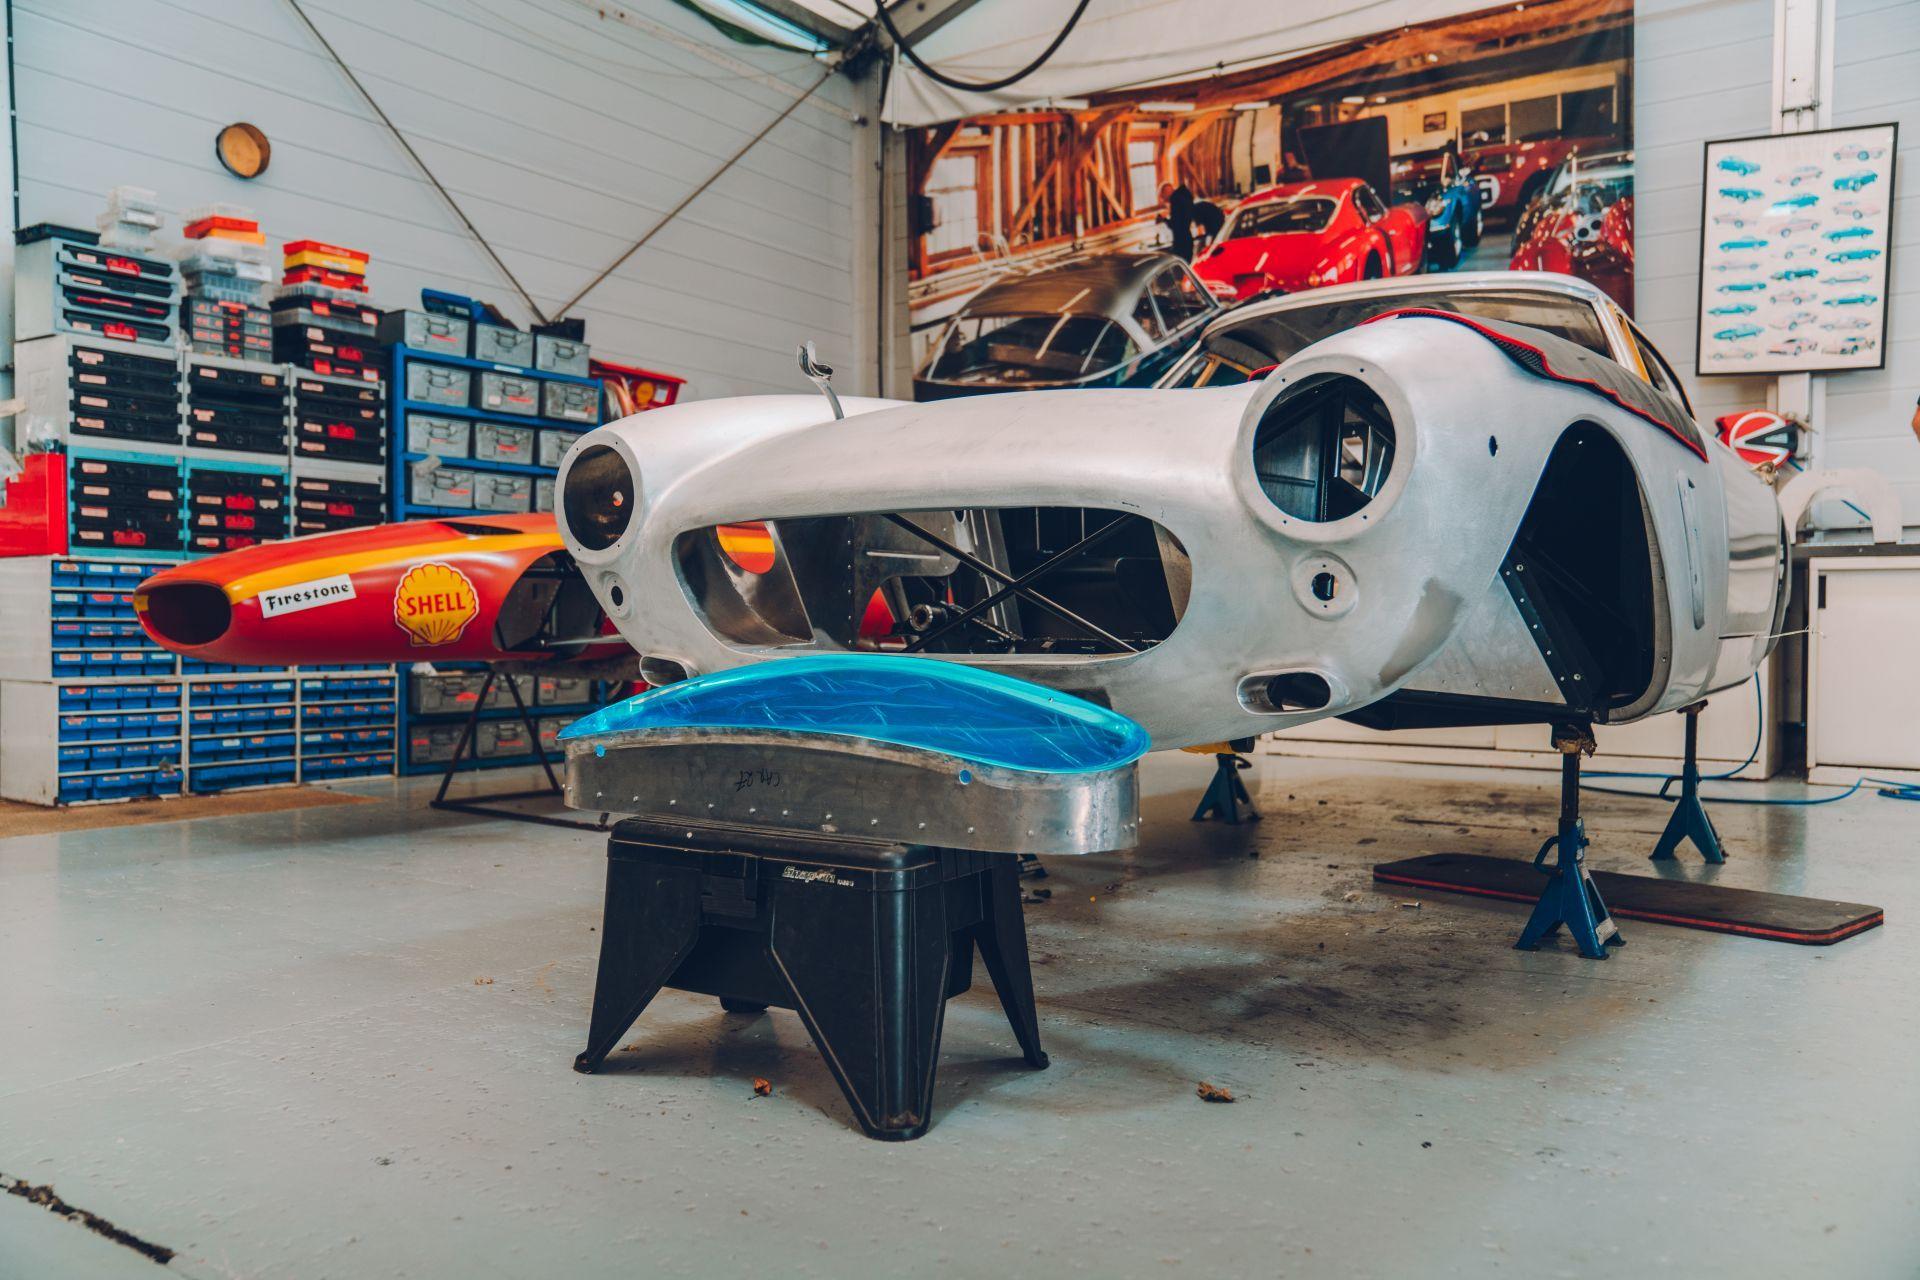 Ferrari-250-GT-SWB-Berlinetta-Competizione-Revival-by-GTO-Engineering-52